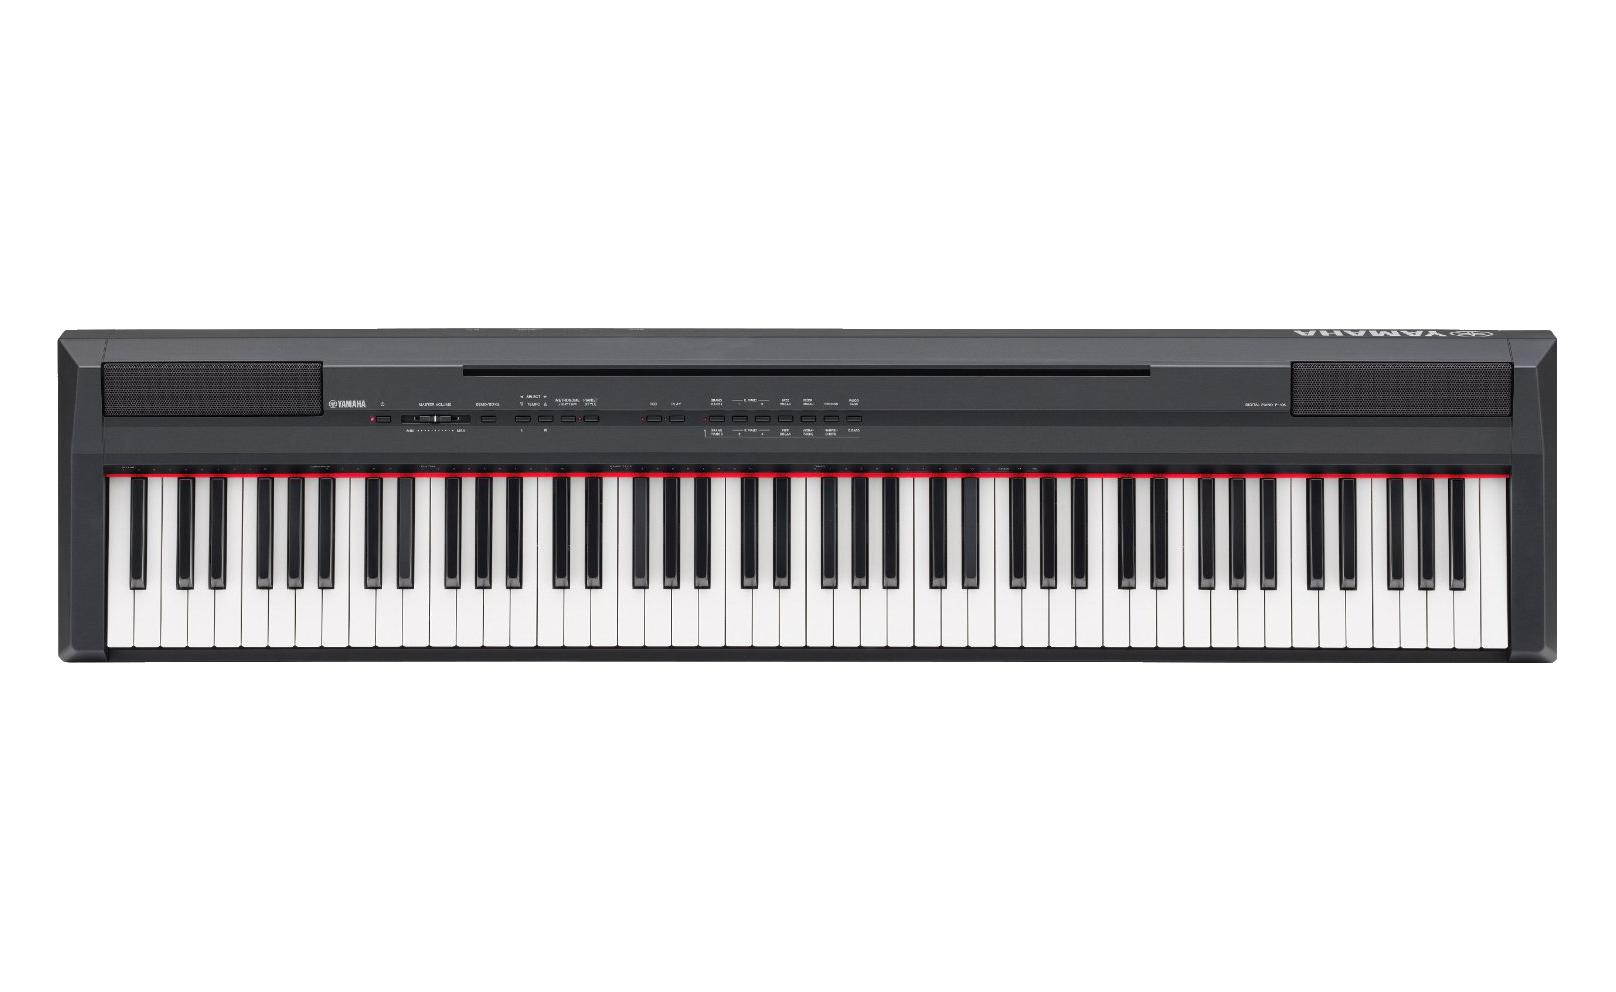 Piano PNG - 10828